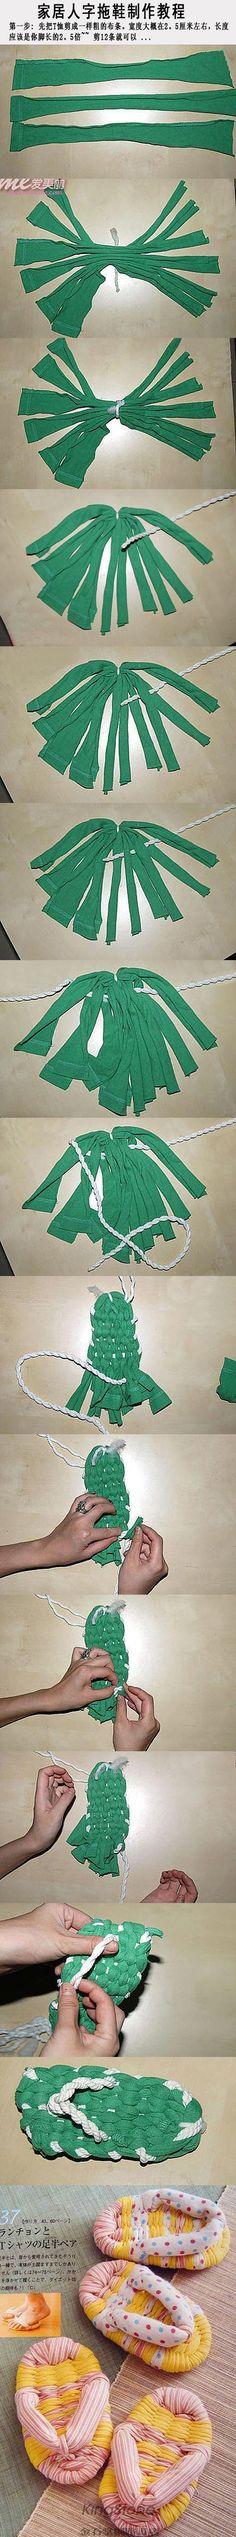 家具人字拖。из футболок (flip flops out of fabric & rope)